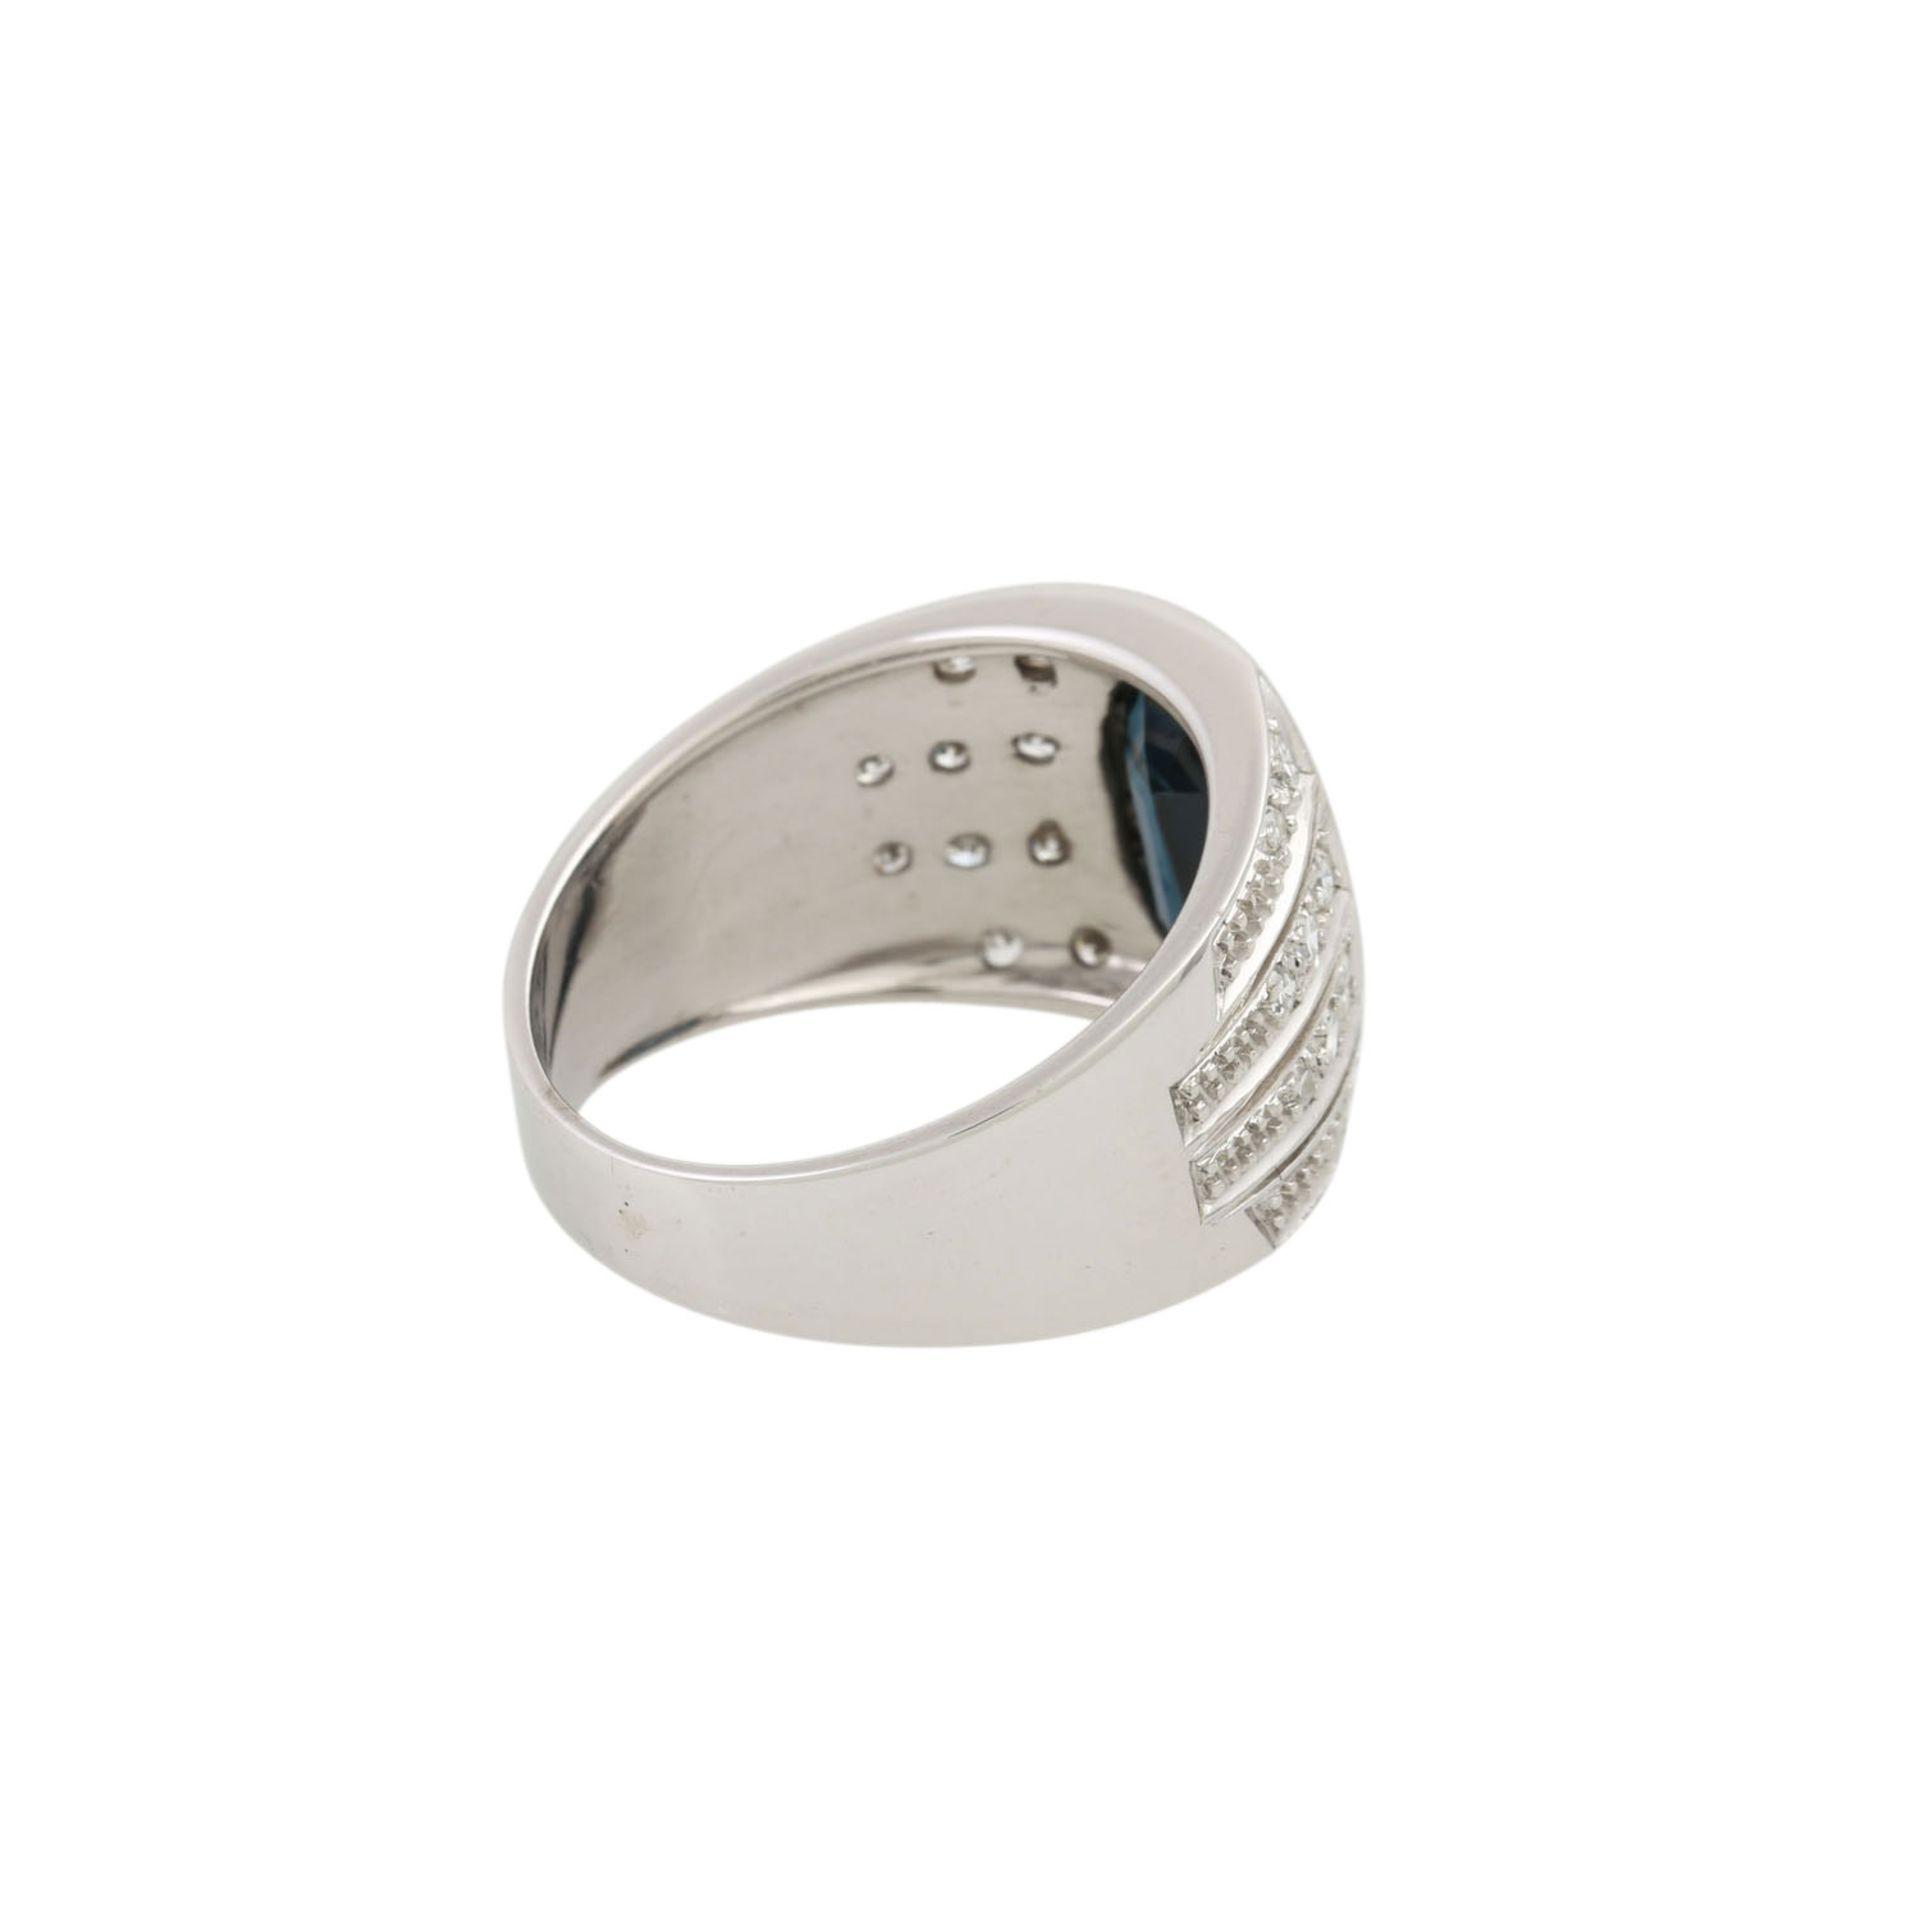 Ring mit Saphir und Diamanten - Image 3 of 4